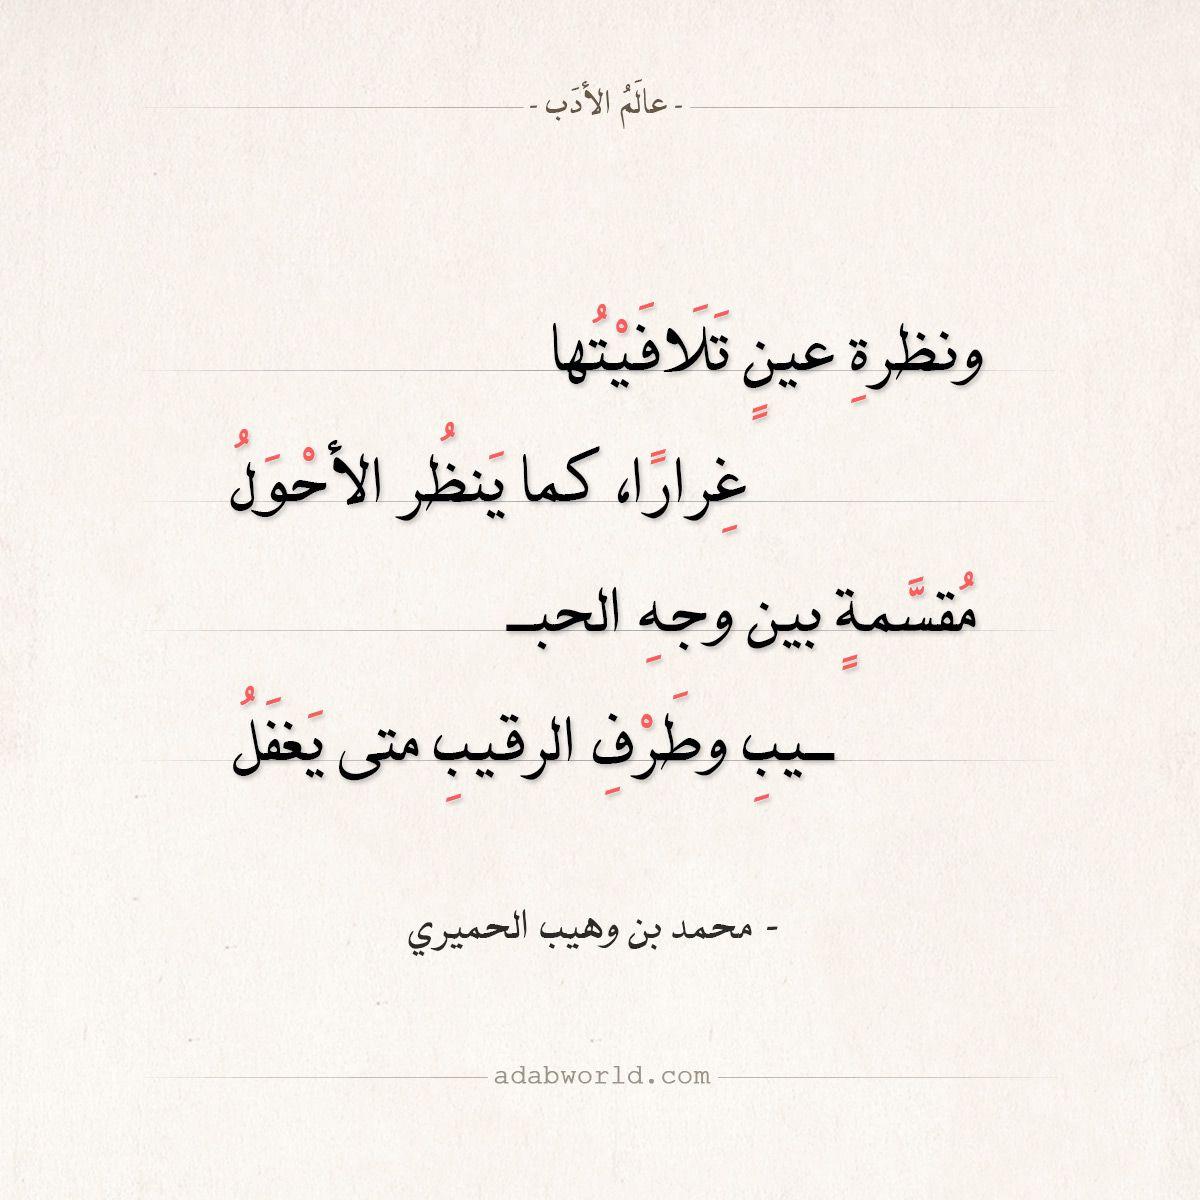 شعر محمد بن وهيب الحميري ونظرة عين تلافيتها عالم الأدب Words Quotes Arabic Love Quotes Arabic Quotes